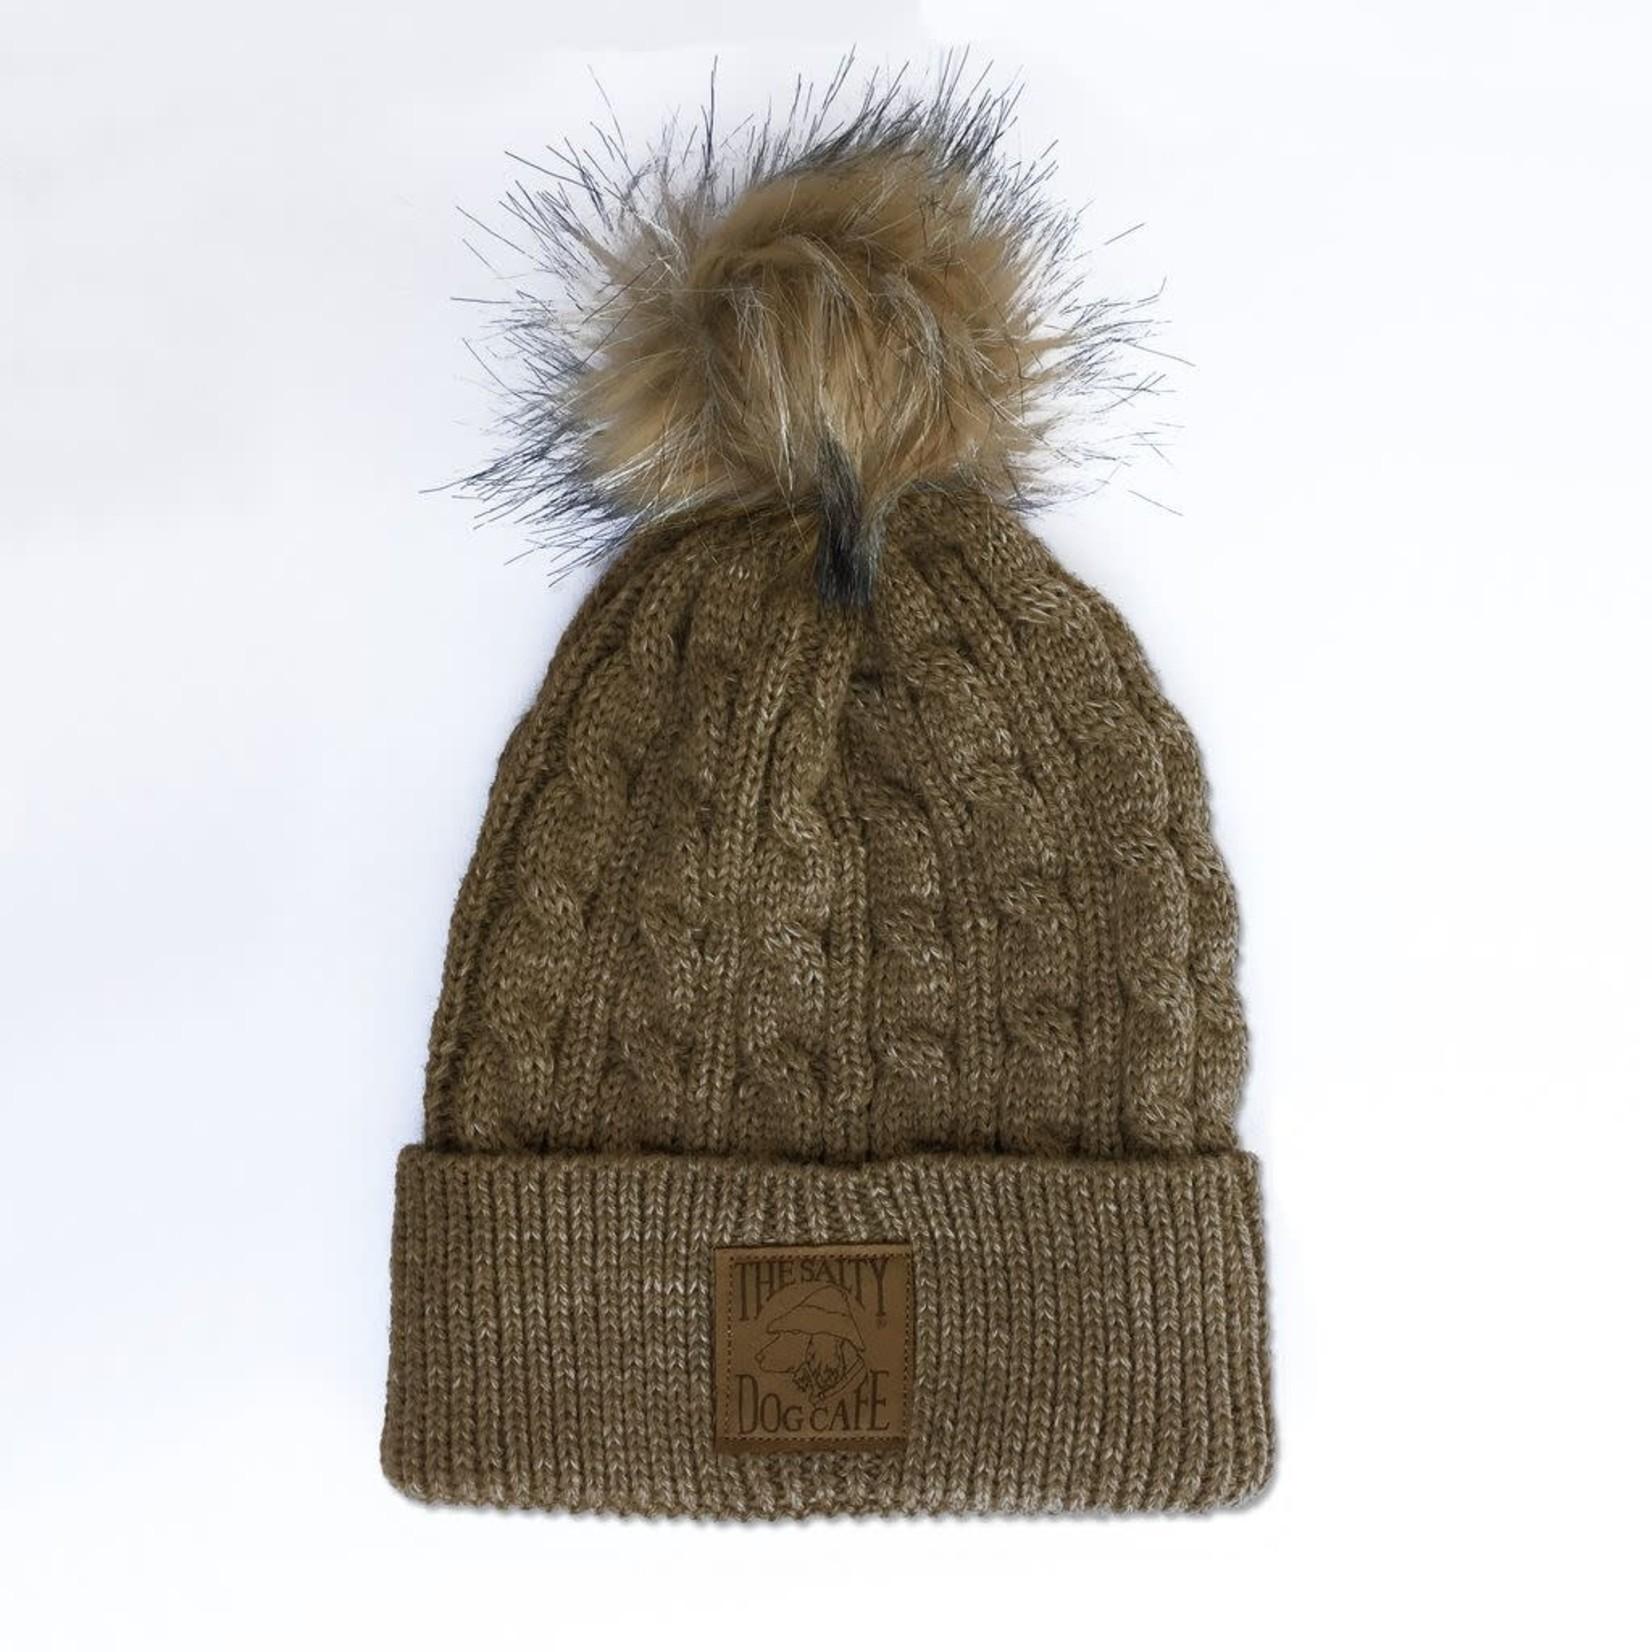 Beanie - Cable Knit Pom, Hazel